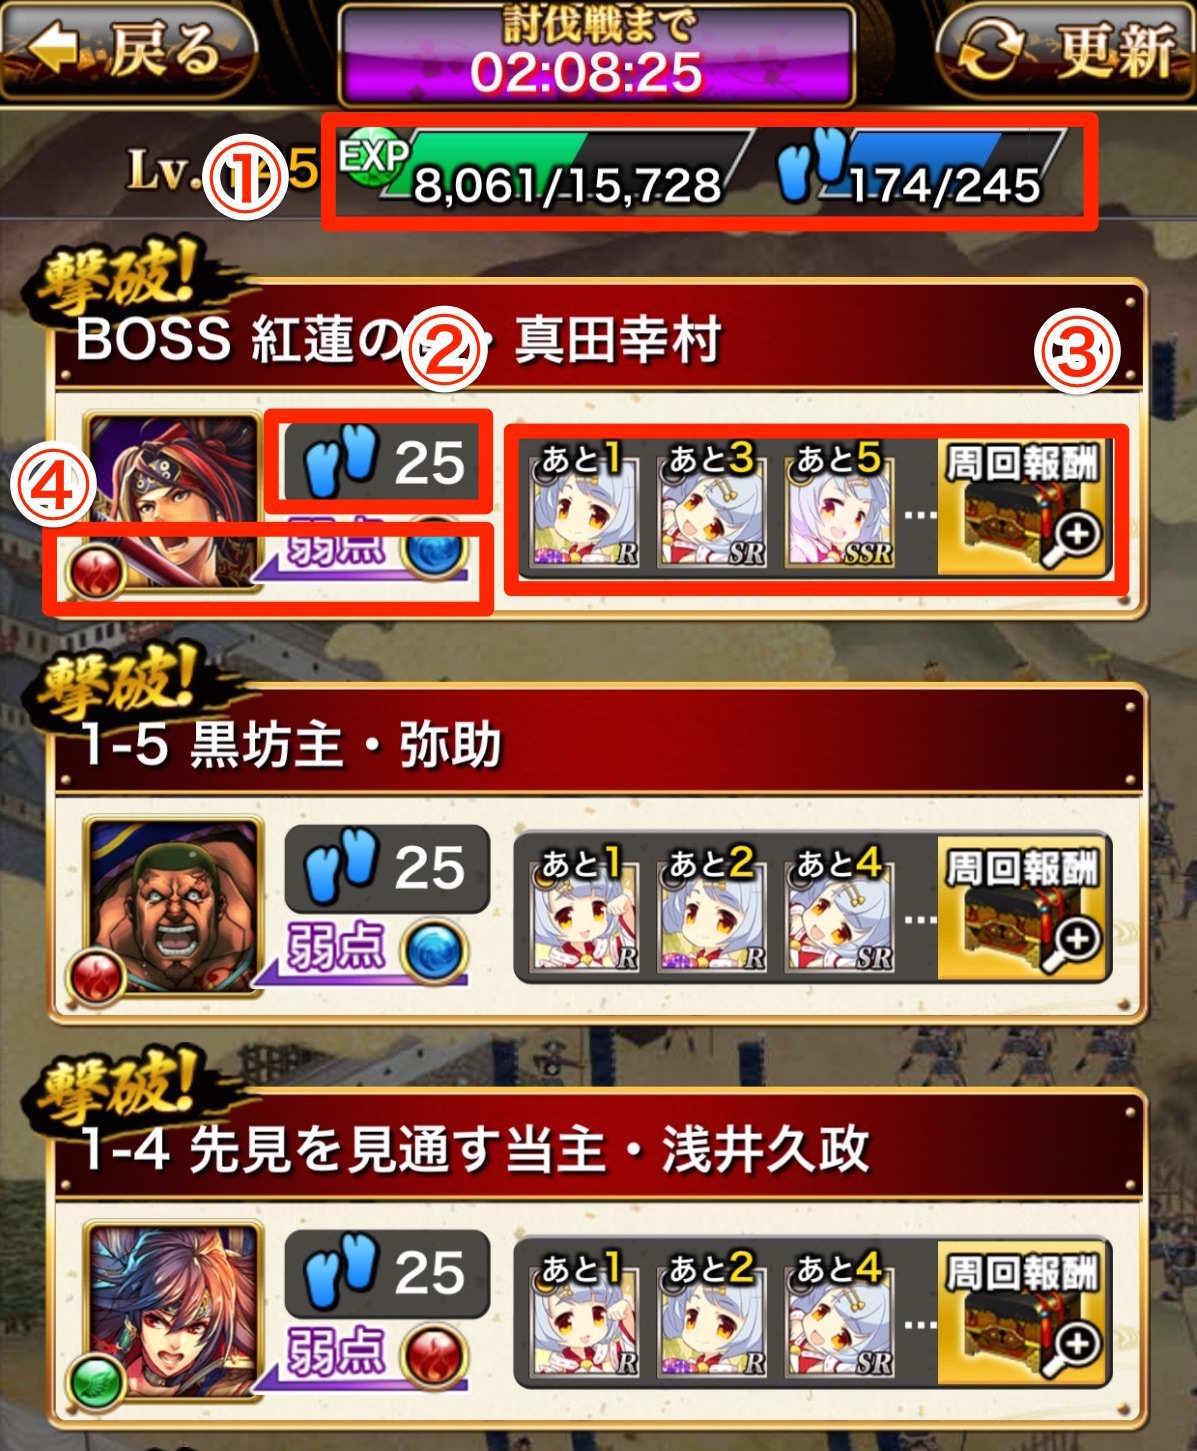 プレイ画面の見方の画像1